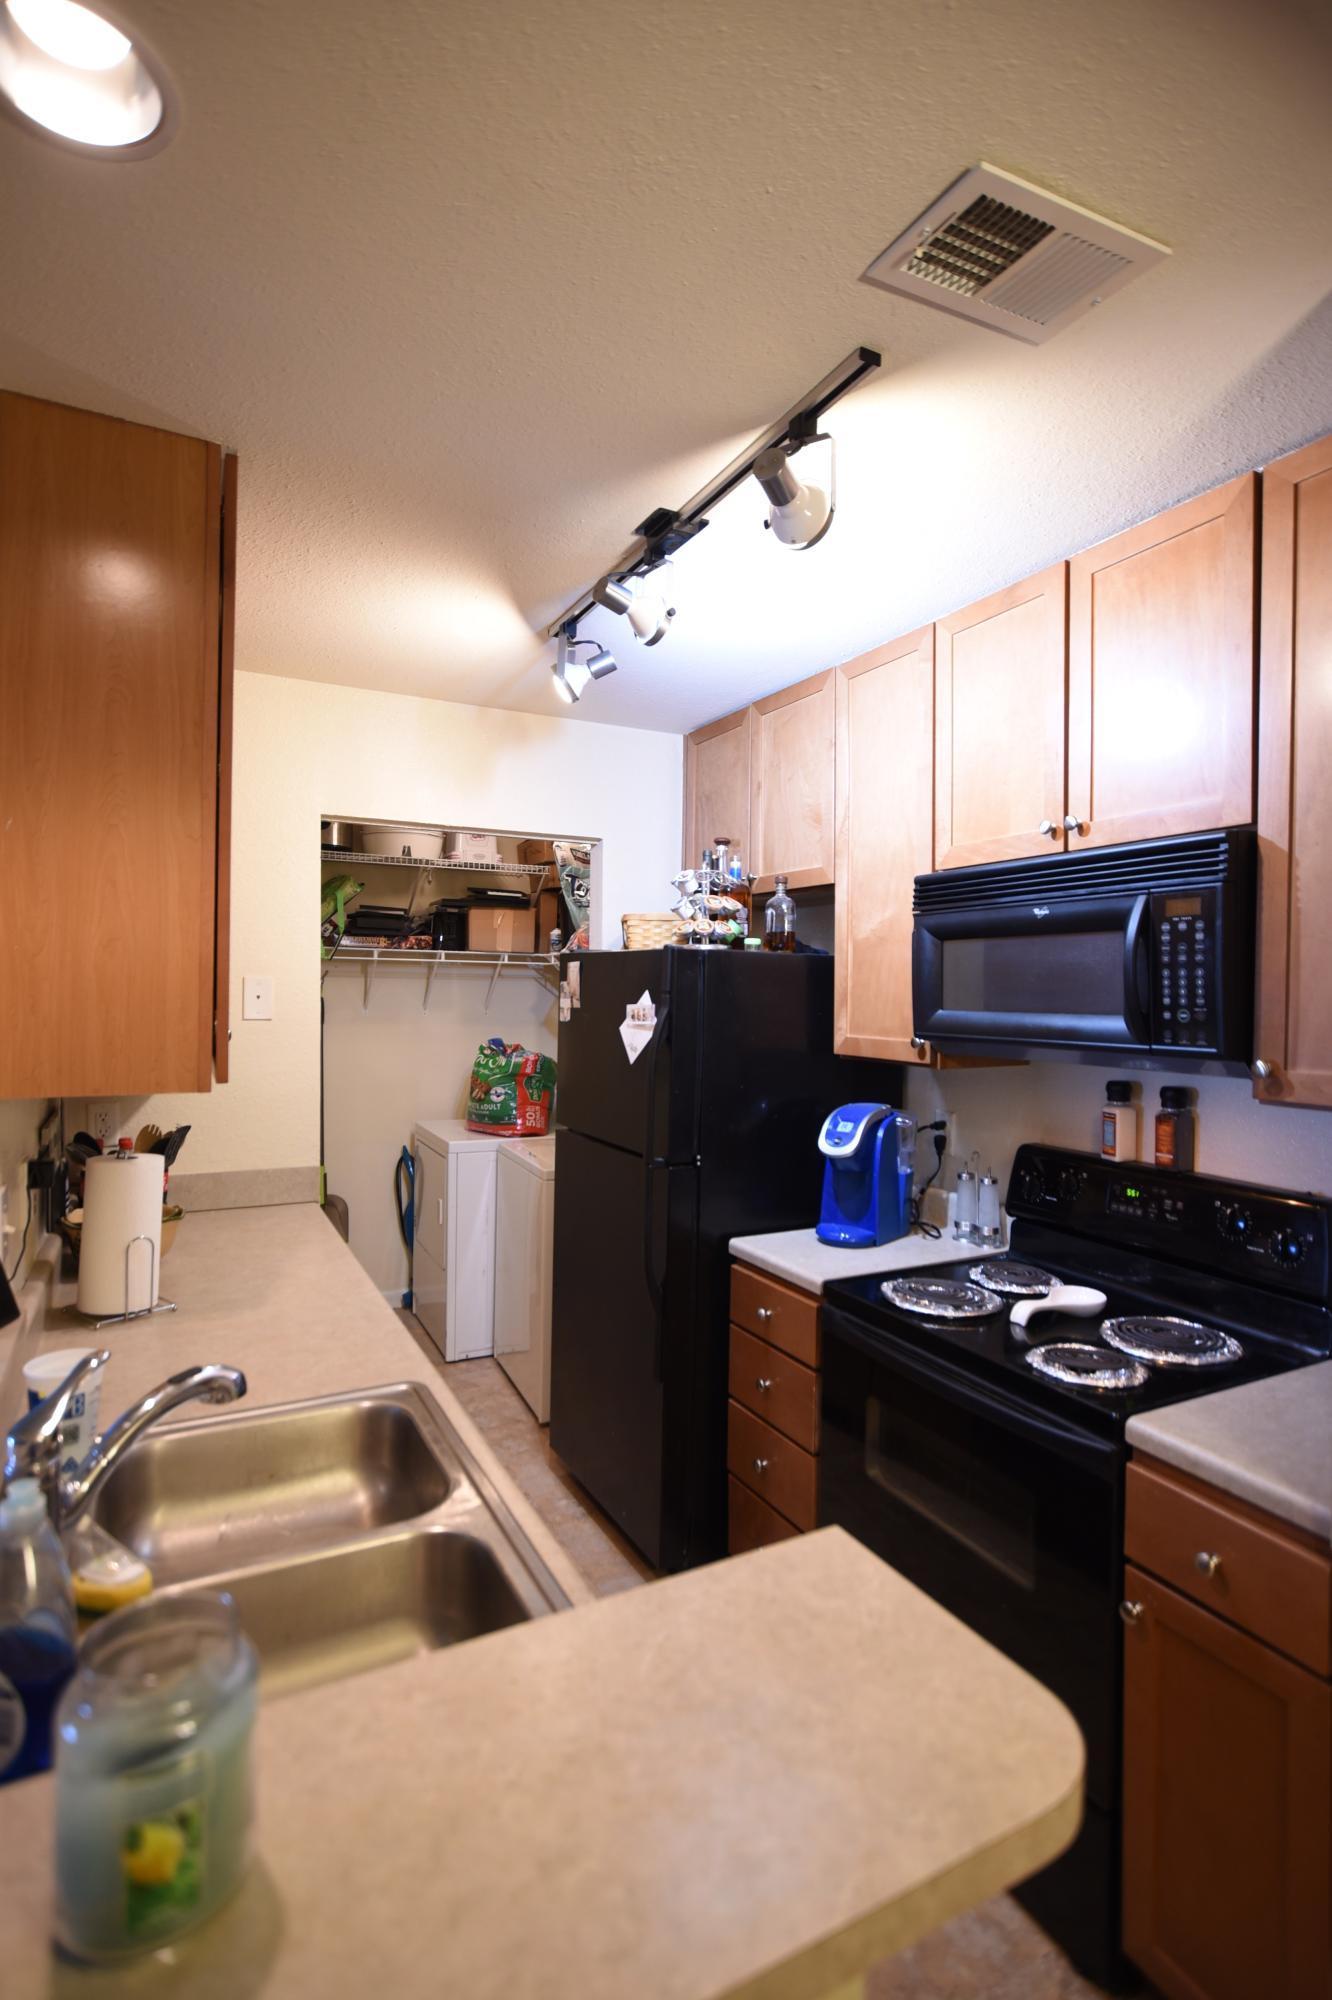 East Bridge Town Lofts Homes For Sale - 266 Alexandra, Mount Pleasant, SC - 3